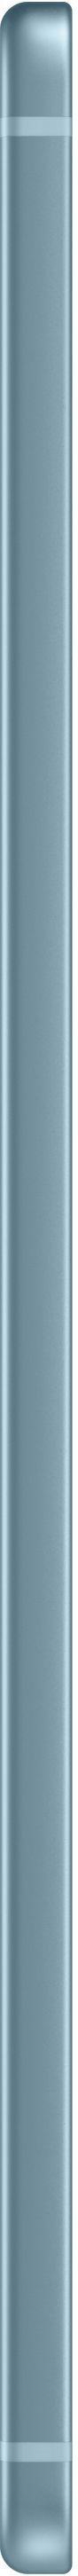 Планшет Samsung Galaxy Tab S6 Lite Wi-Fi 64GB (SM-P610NZBASEK) Blue от Територія твоєї техніки - 3